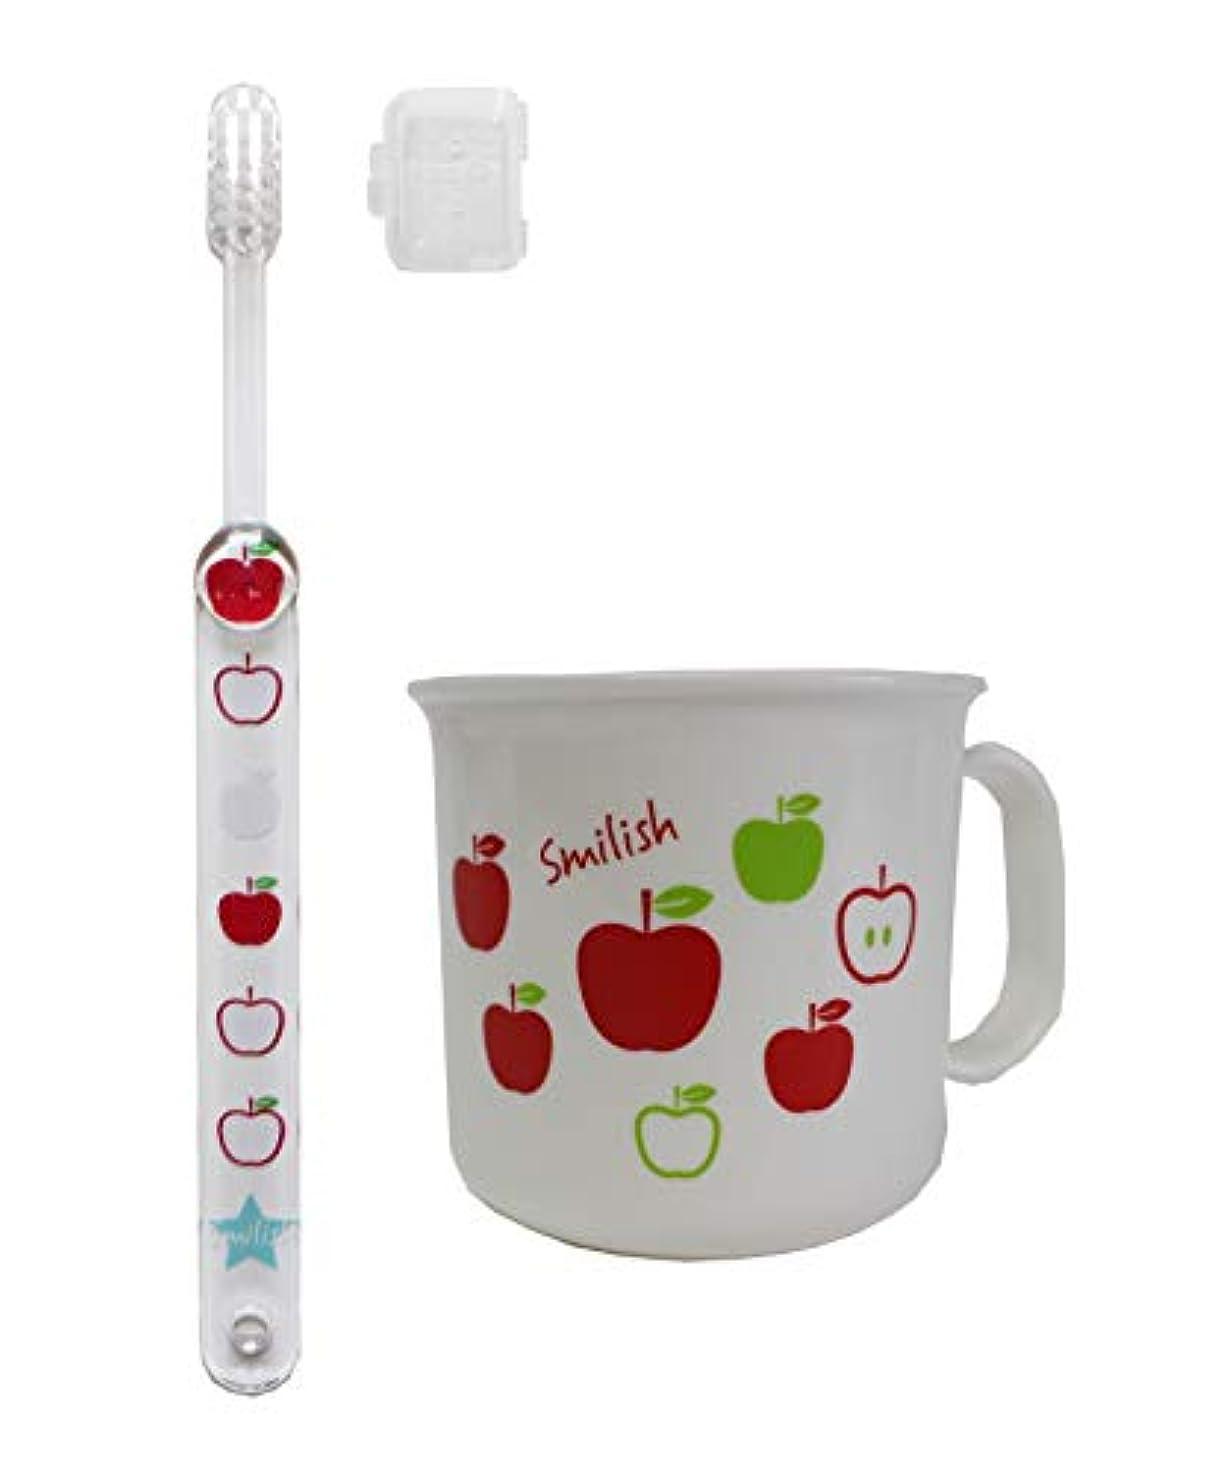 シアー通り急流子ども歯ブラシ(キャップ付き) 耐熱コップセット アップル